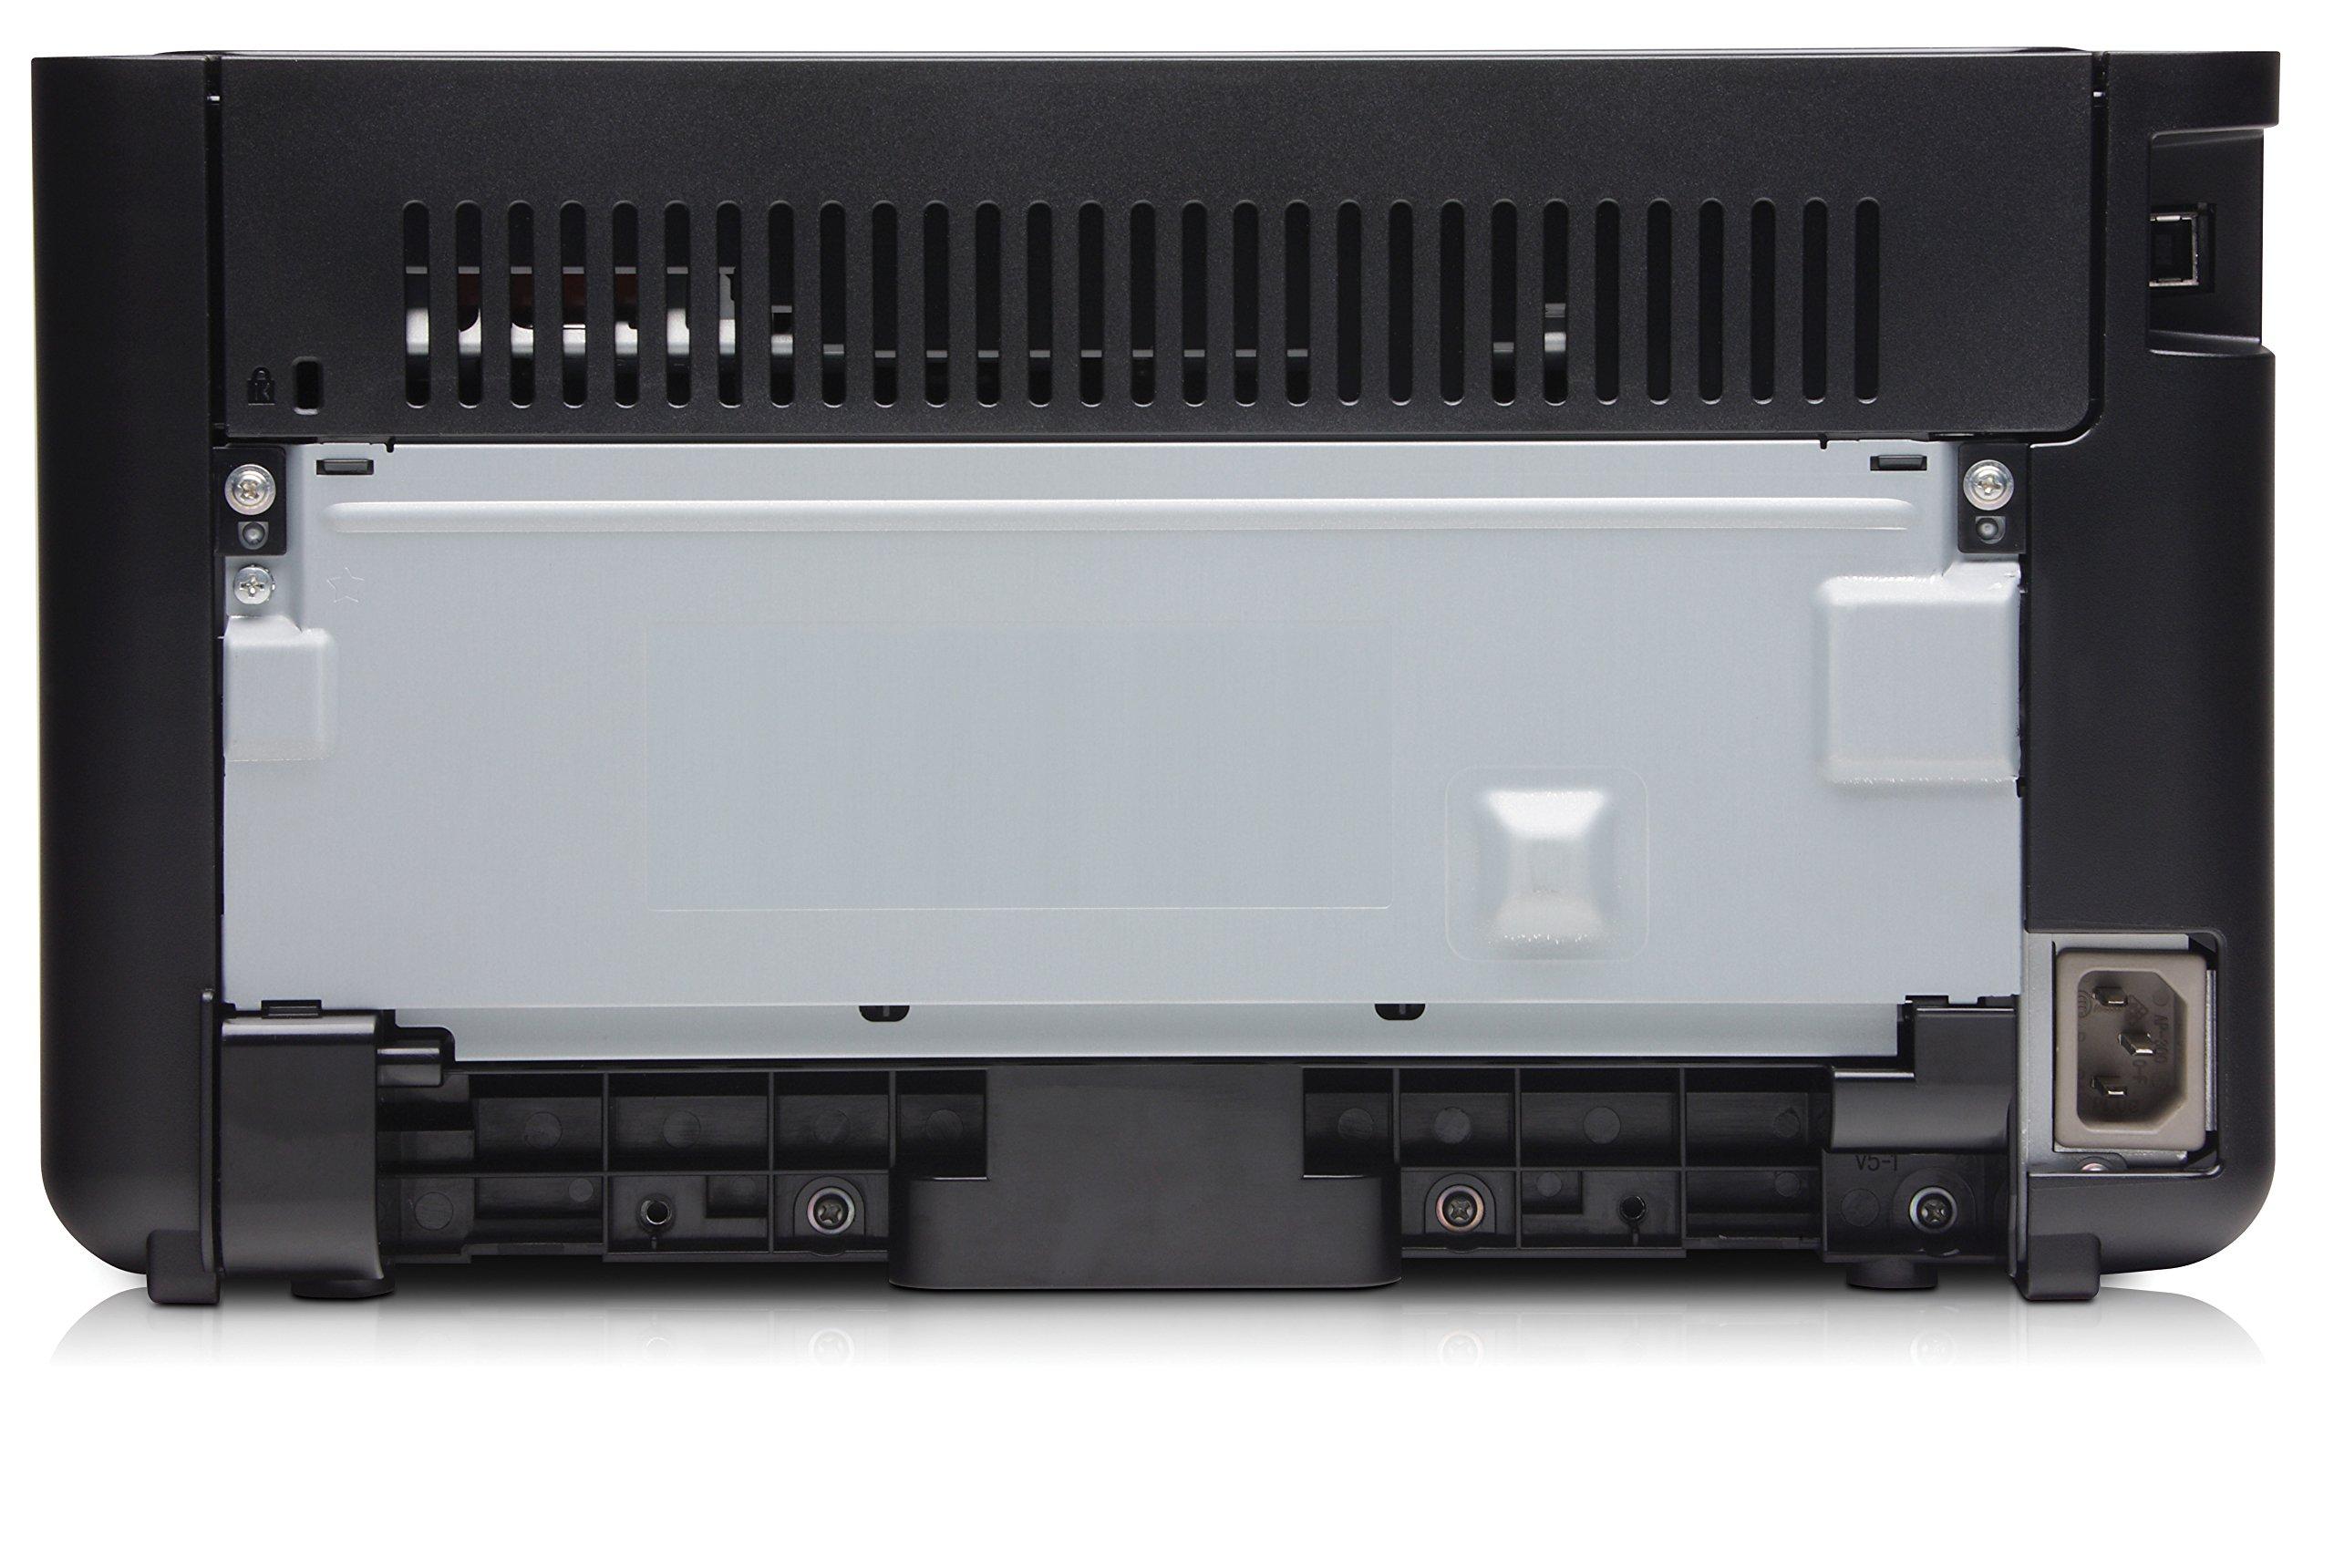 HP LaserJet Pro P1102w Wireless Laser Printer (CE658A) by HP (Image #5)